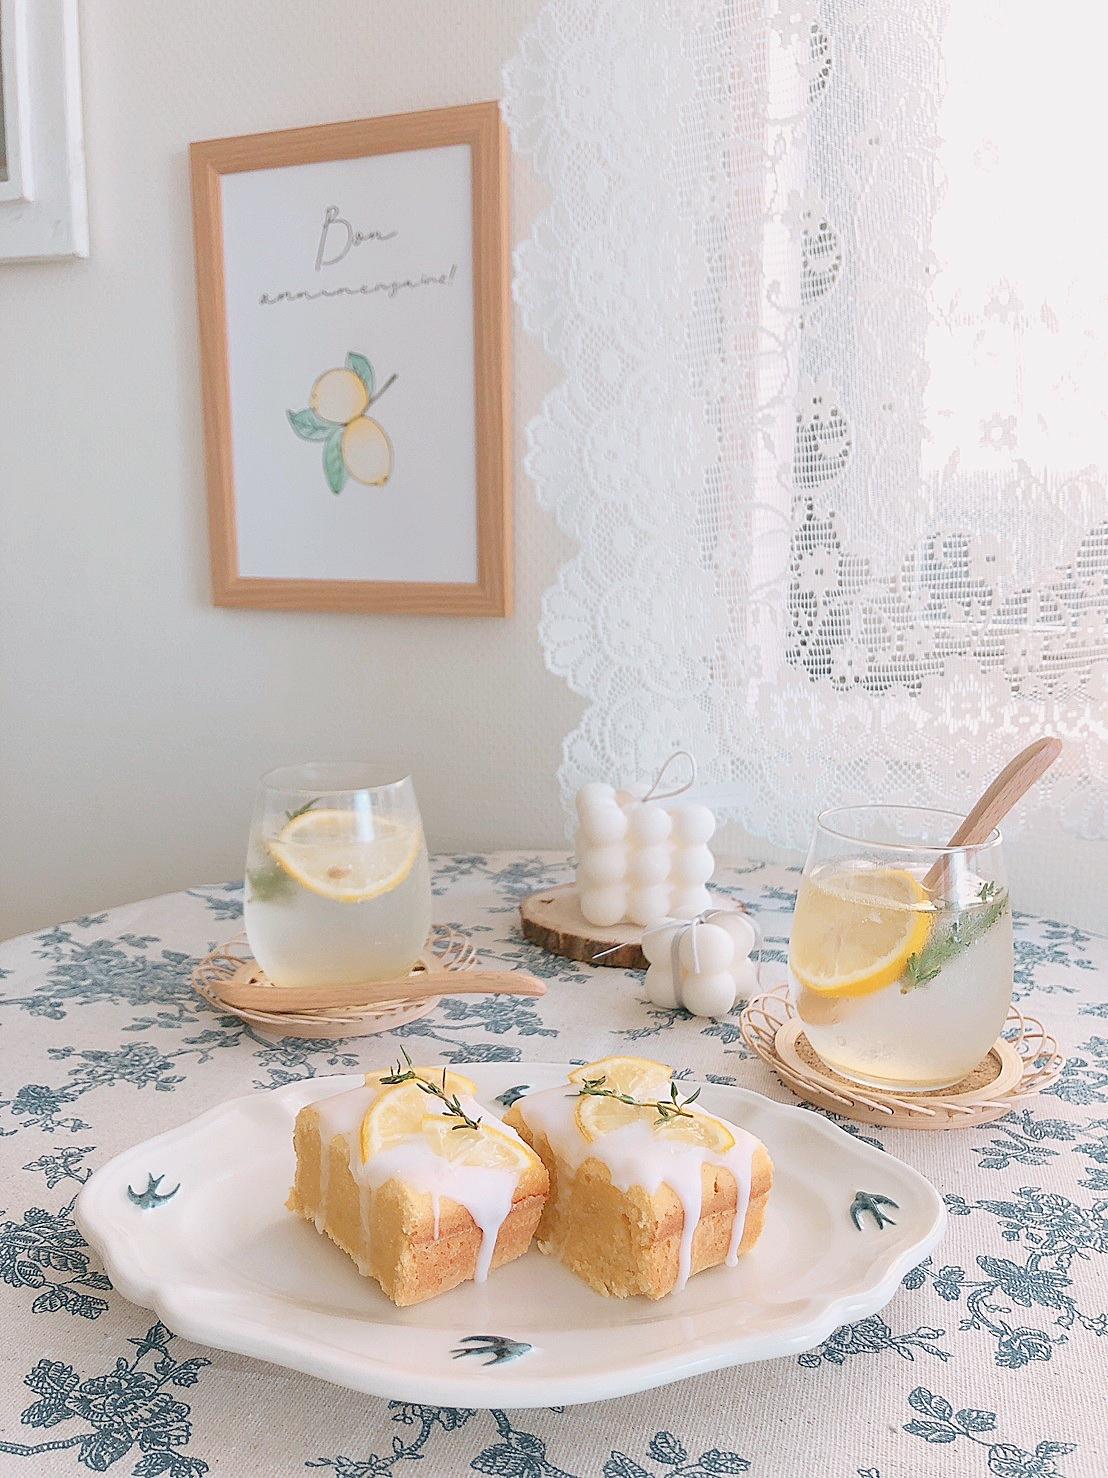 |爽やかなレモン空間に by @sherun_27